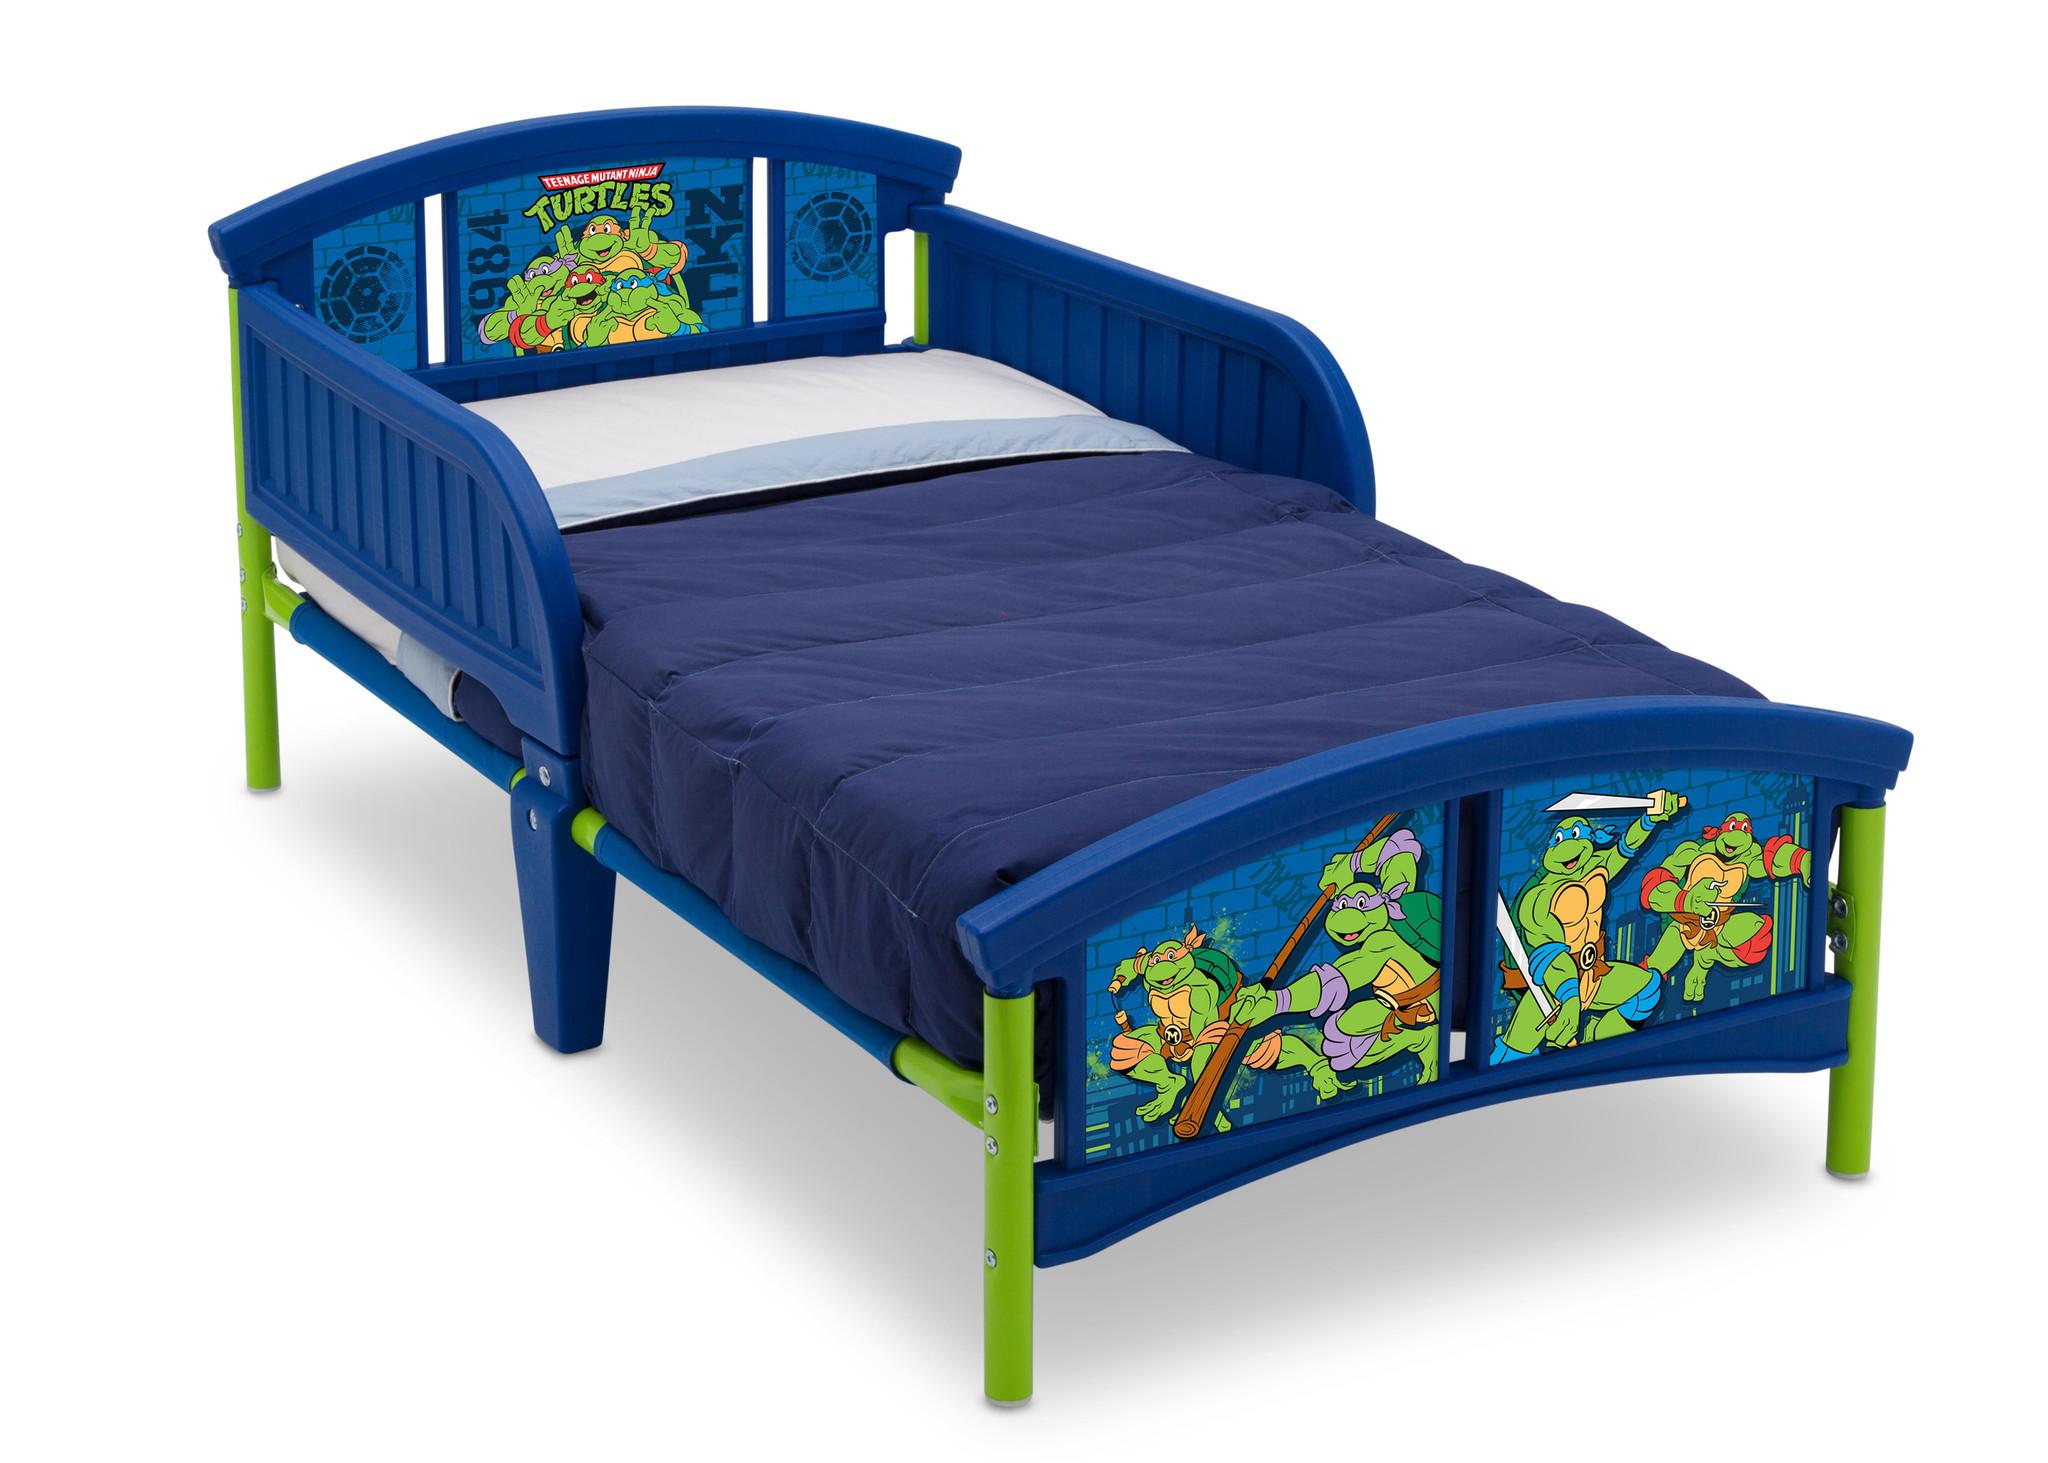 Tmnt Toddler Bed